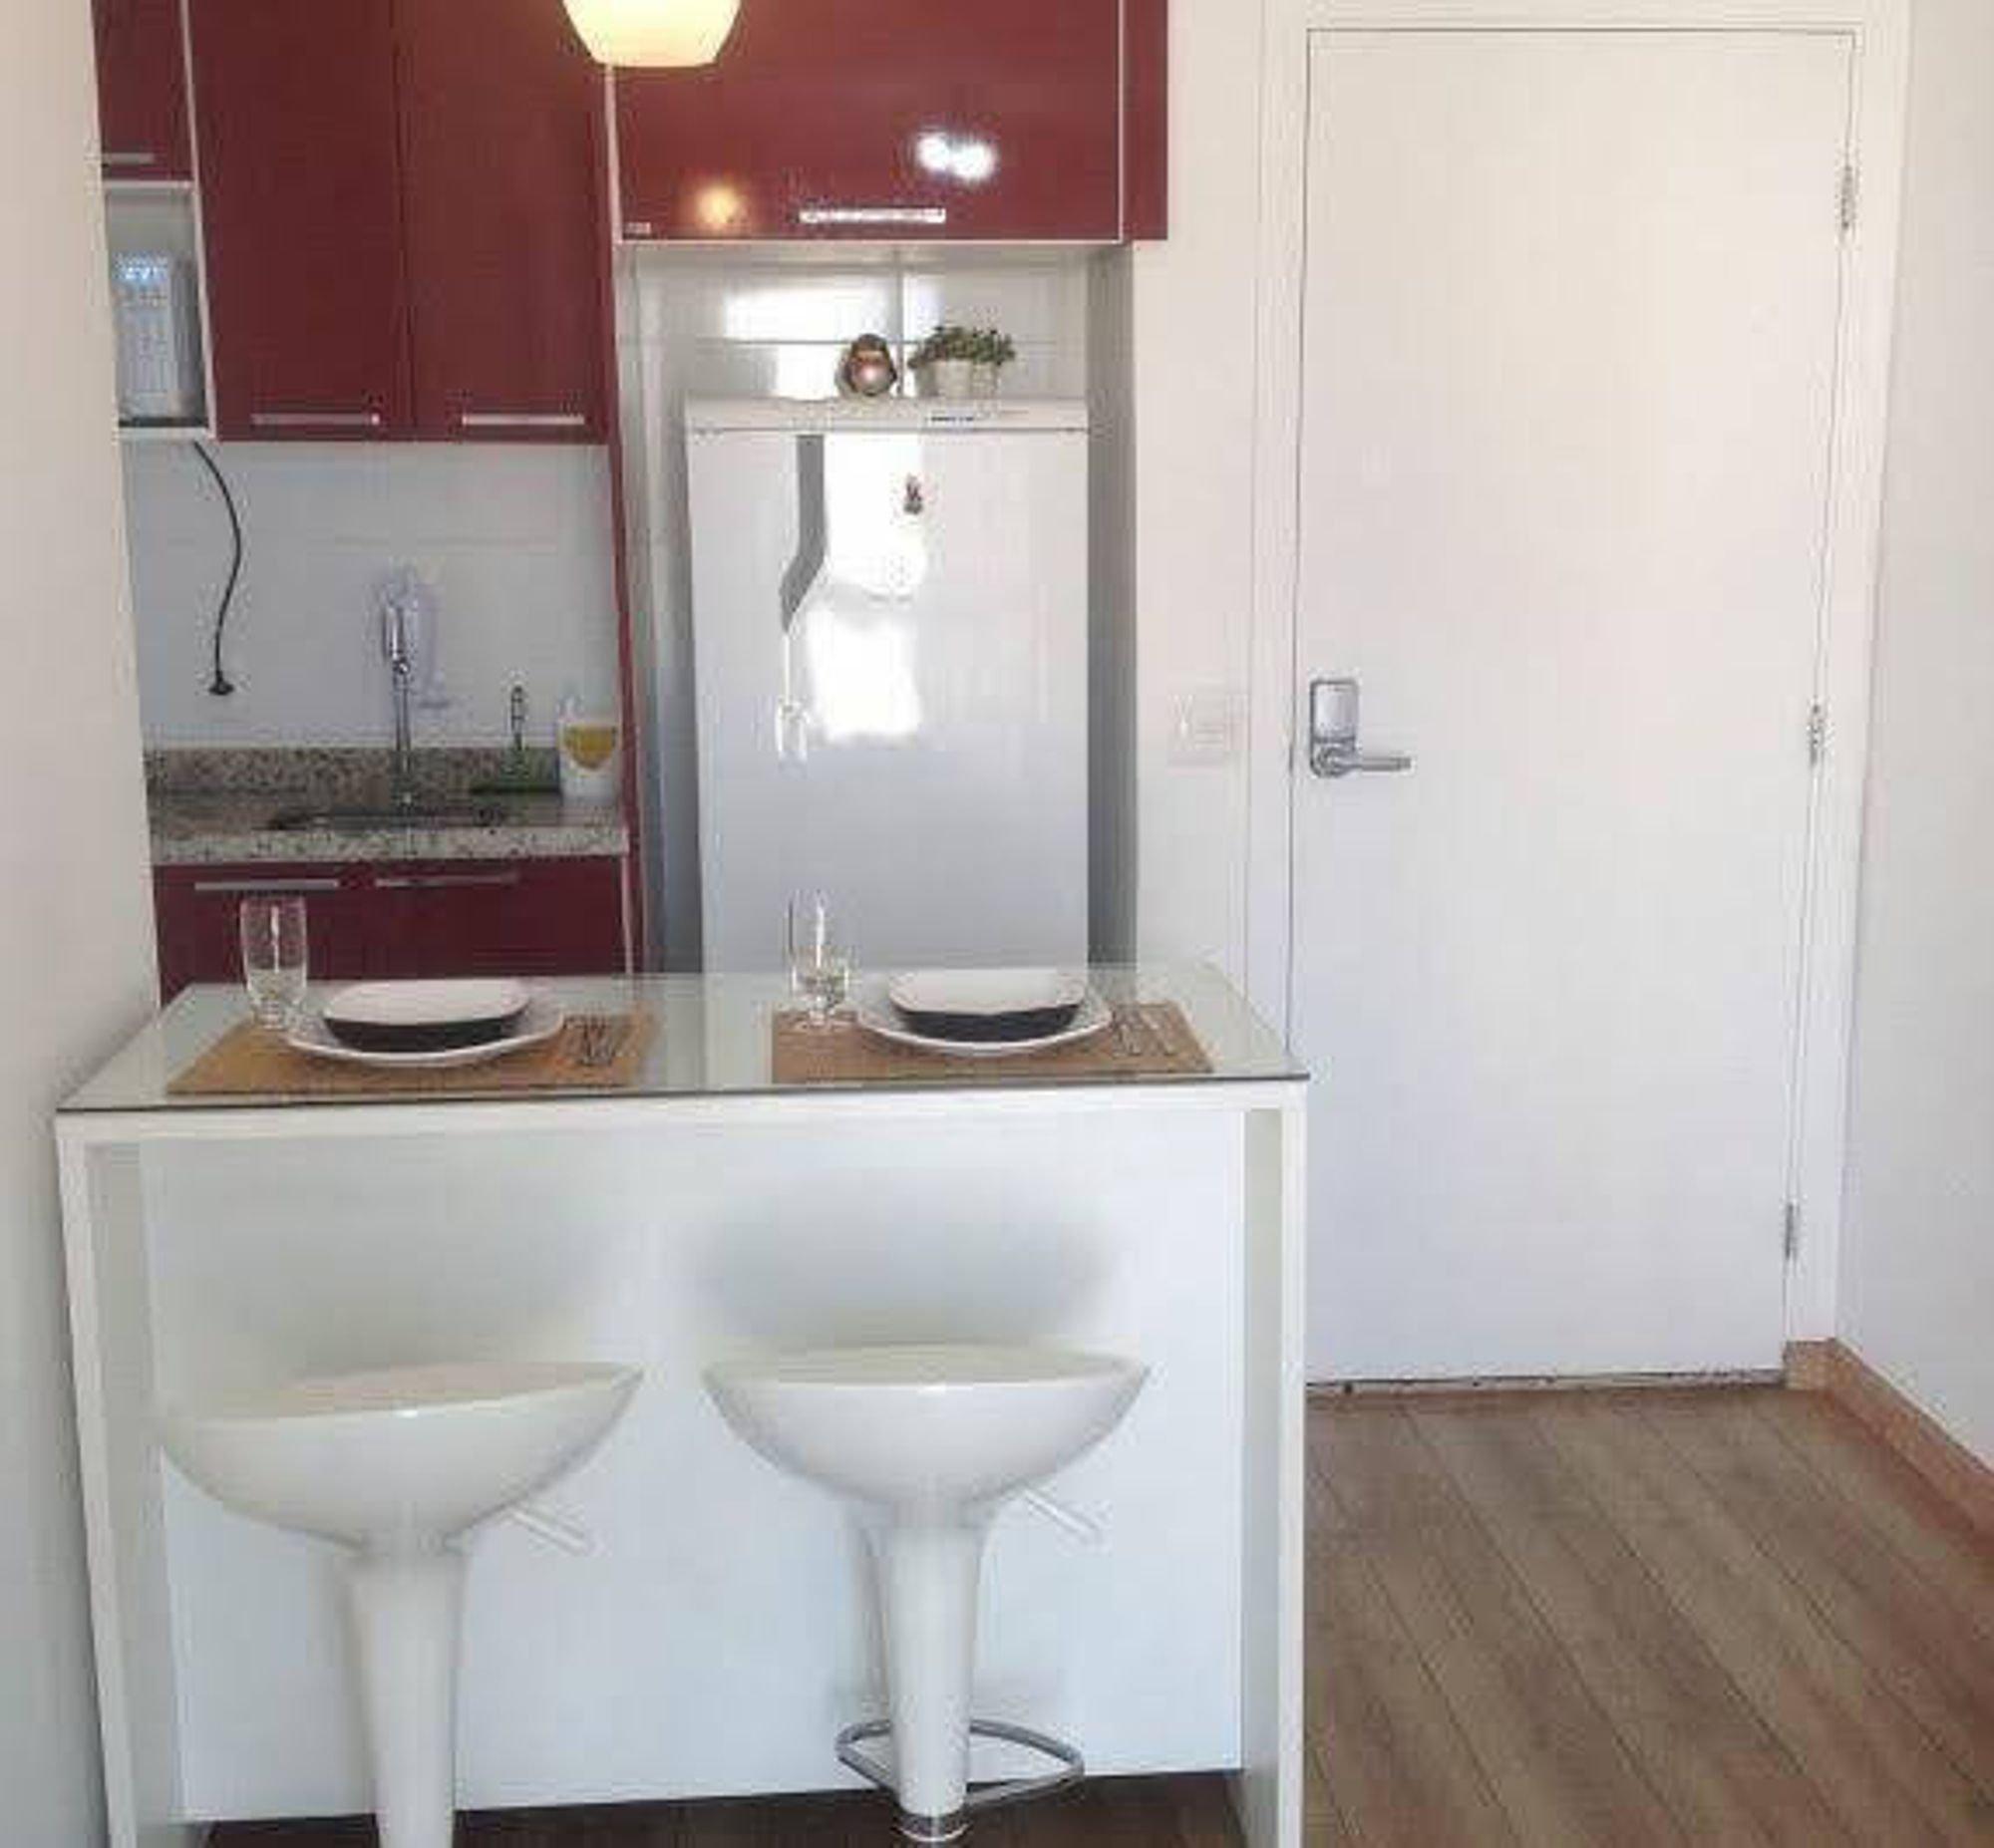 Foto de Banheiro com cadeira, xícara